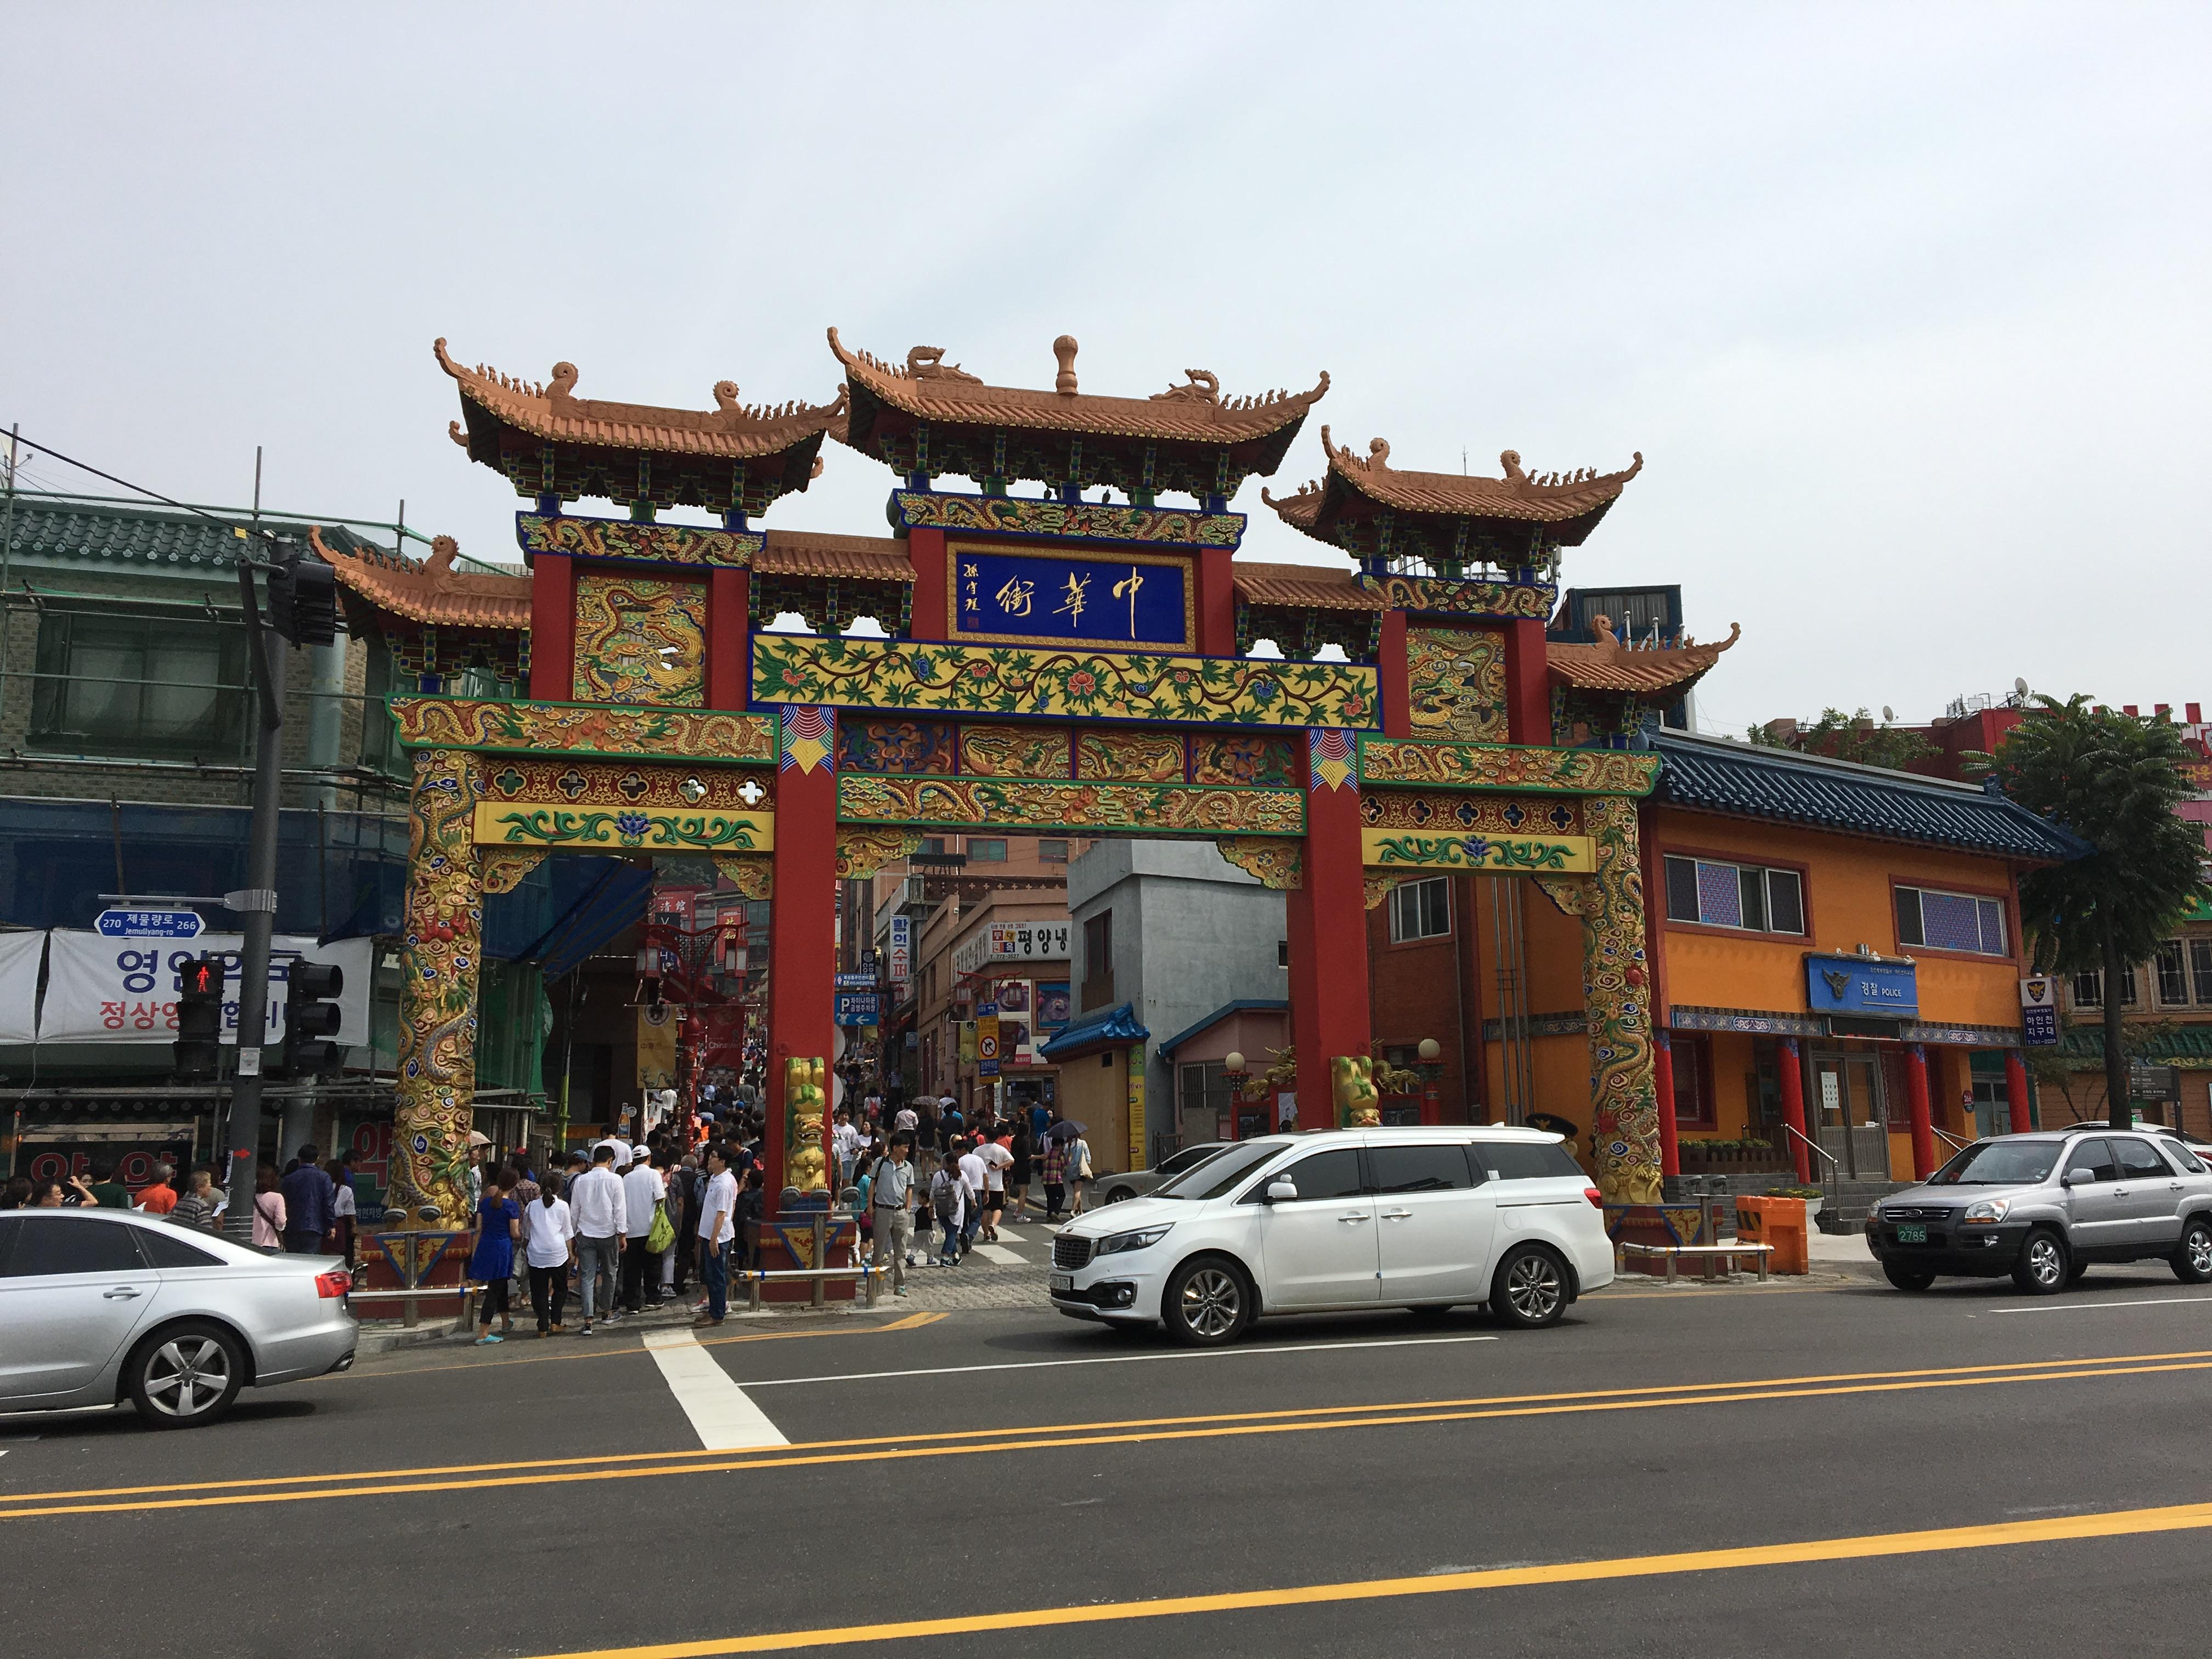 Khu phố tàu Chinatown tại thành phố Incheon